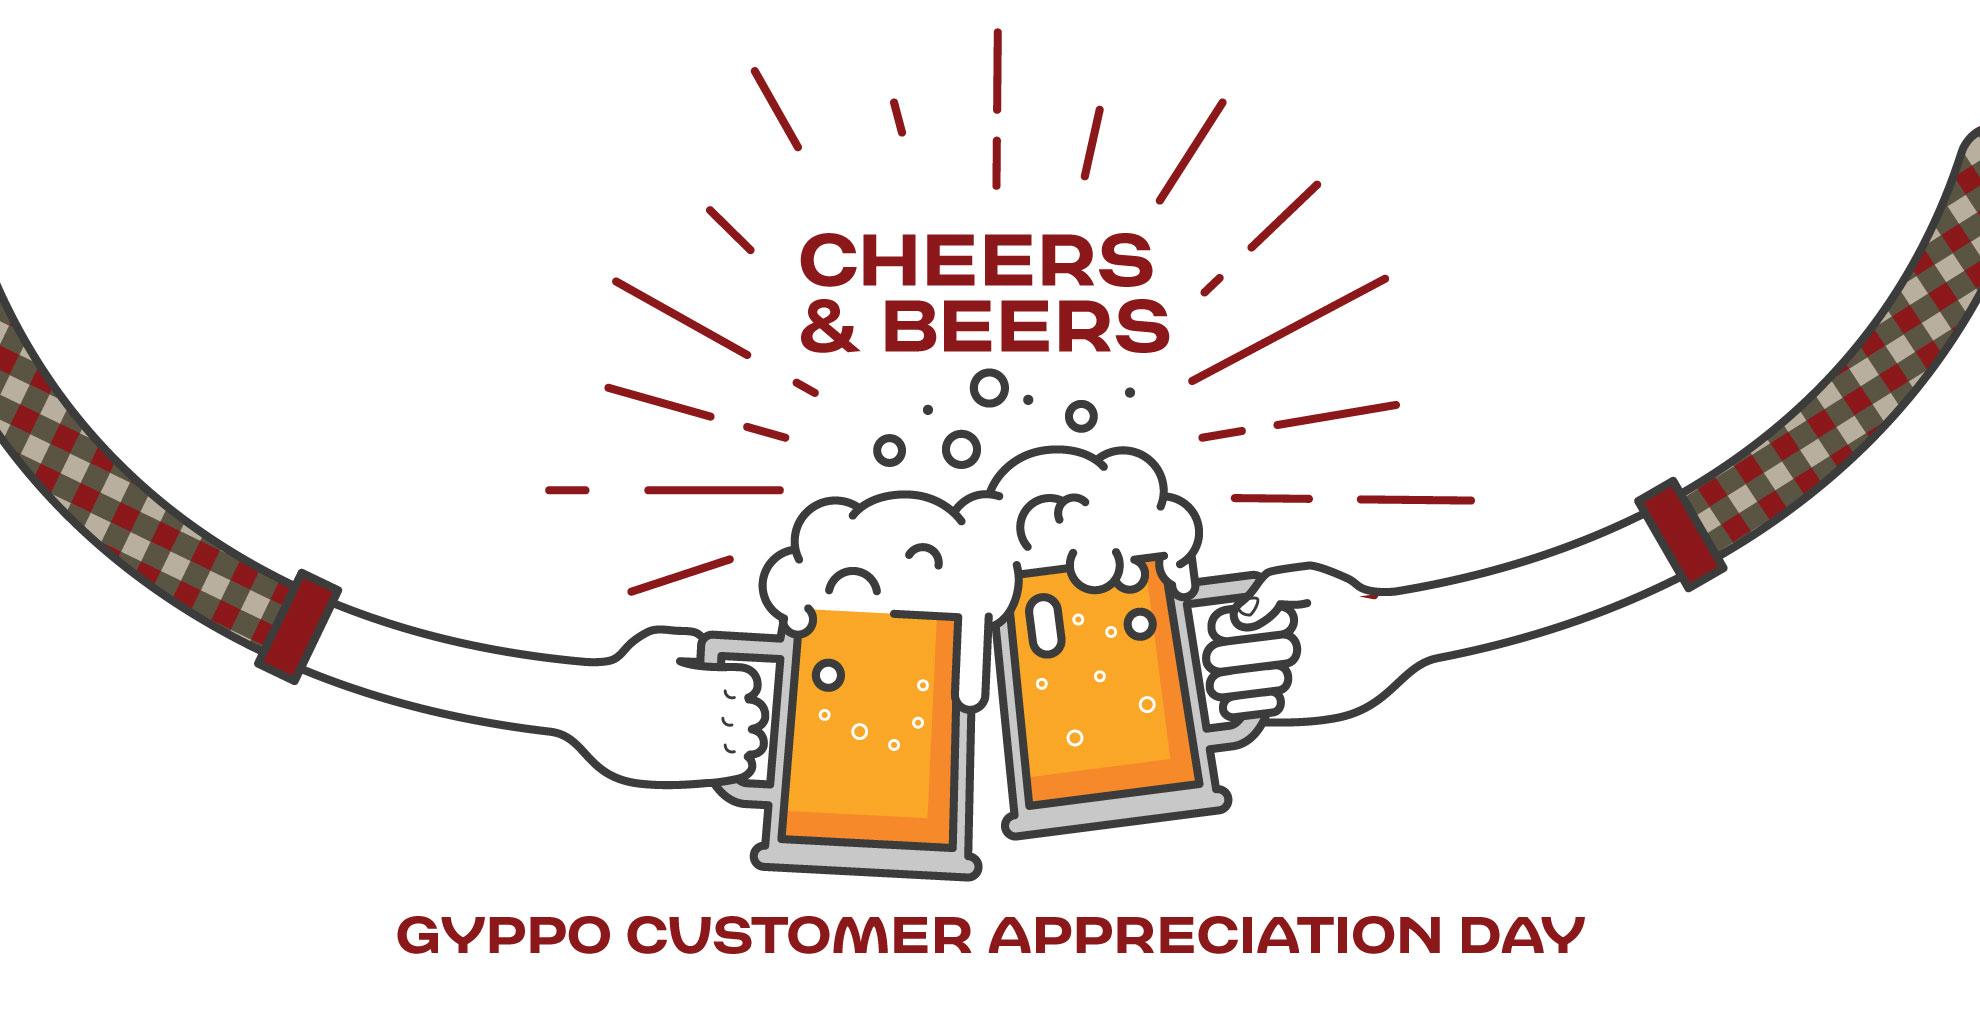 cheers-beers-2019